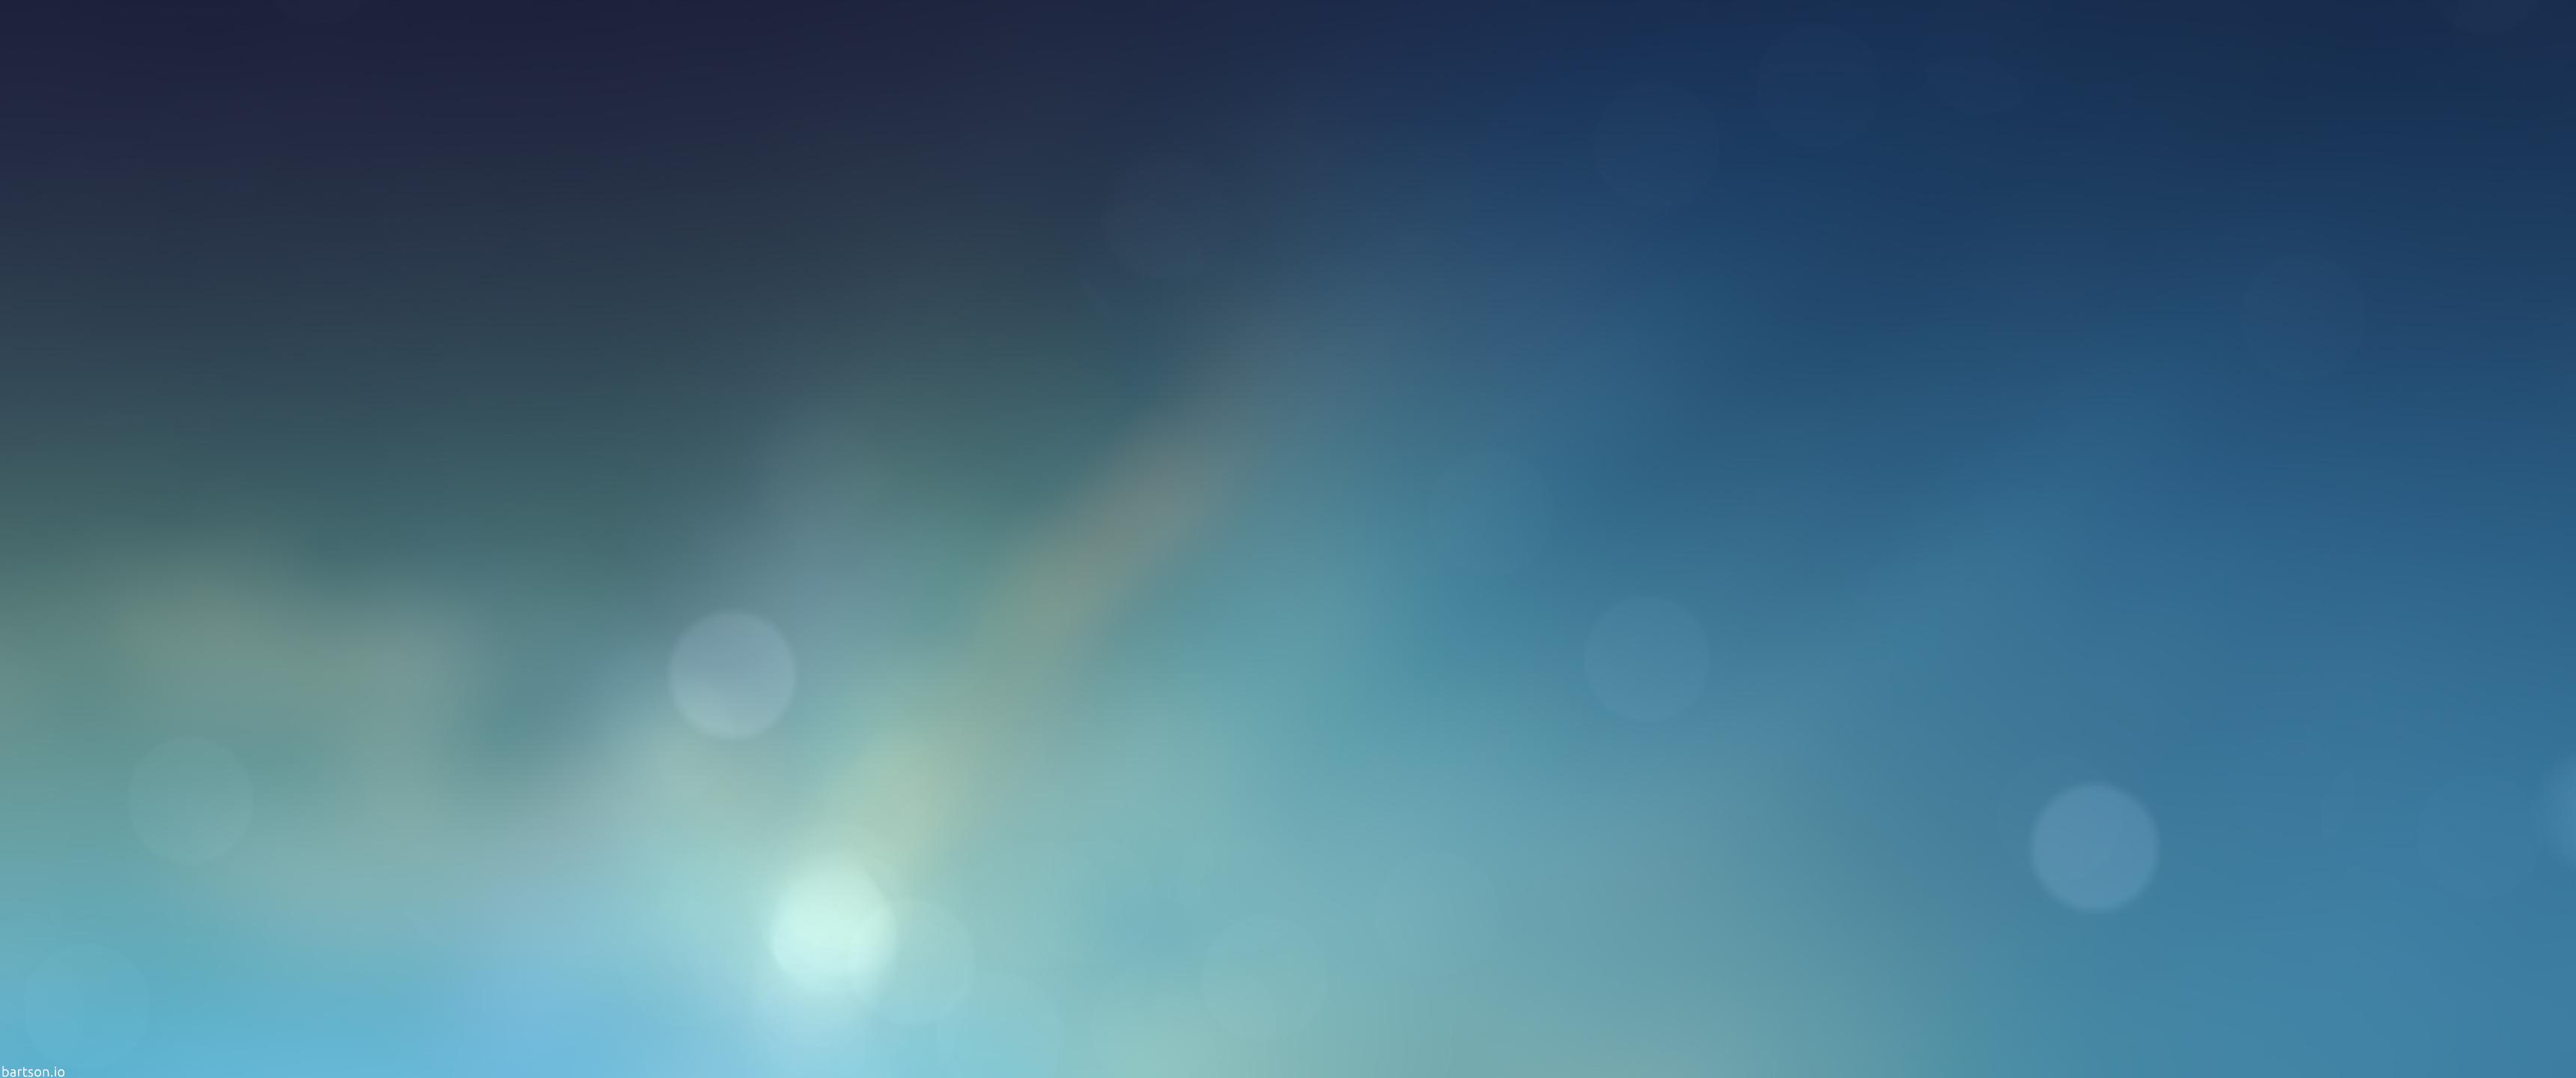 Blurred 219 Wallpaper fr Ultrawide Monitore 3440x1440